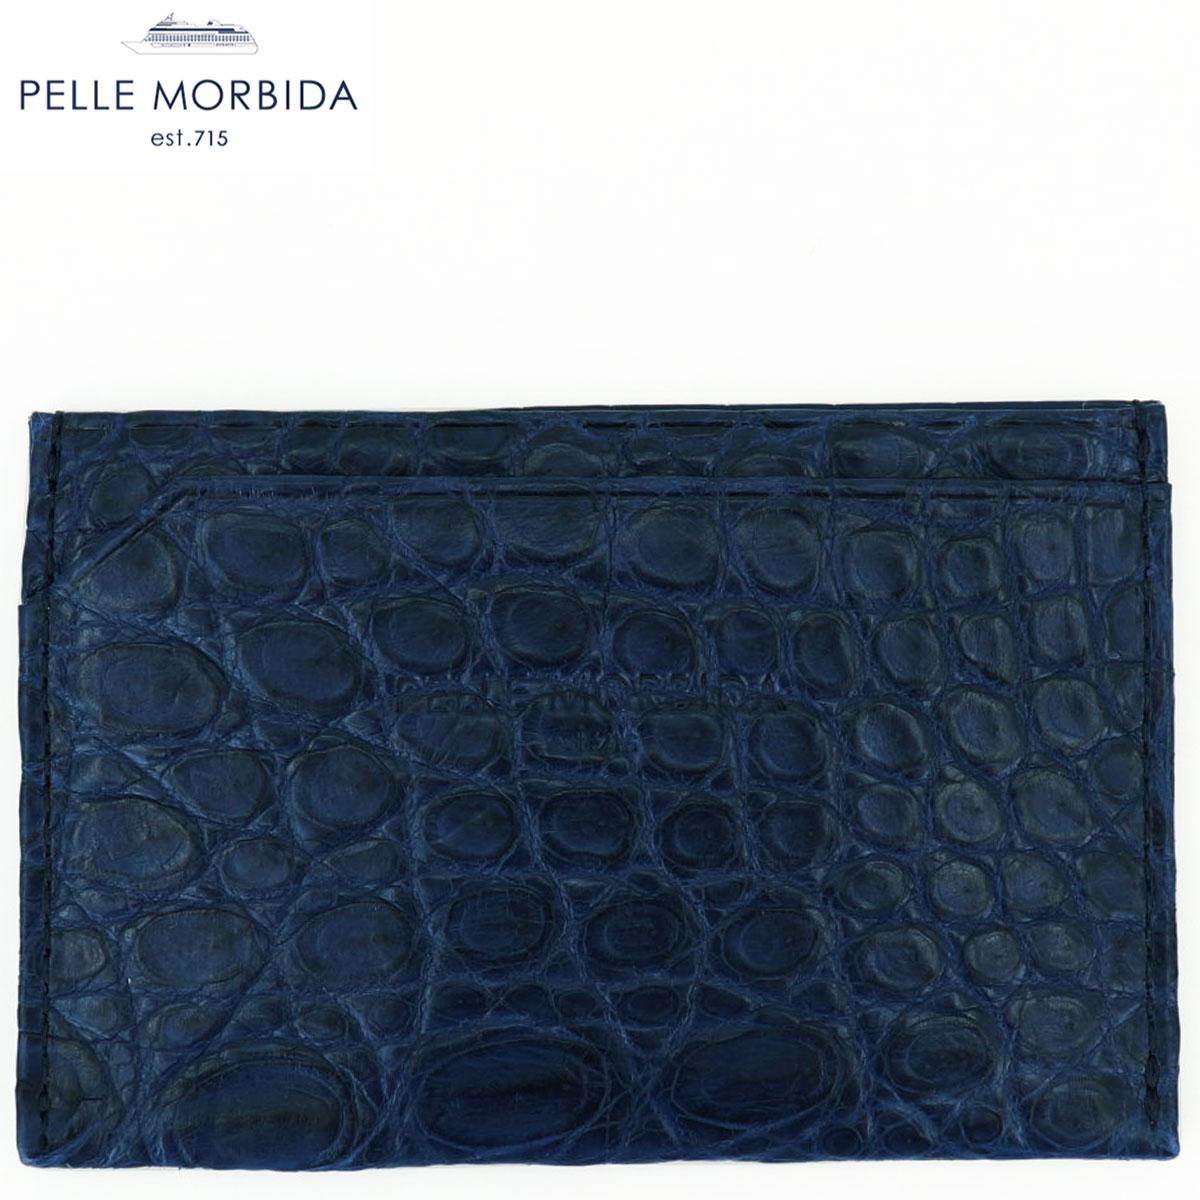 国内正規品 即日発送 ペッレモルビダ 人気ブランド PELLE MORBIDA パスケース ブルー BLU PMO-CRS009 登場大人気アイテム クロコダイルレザー